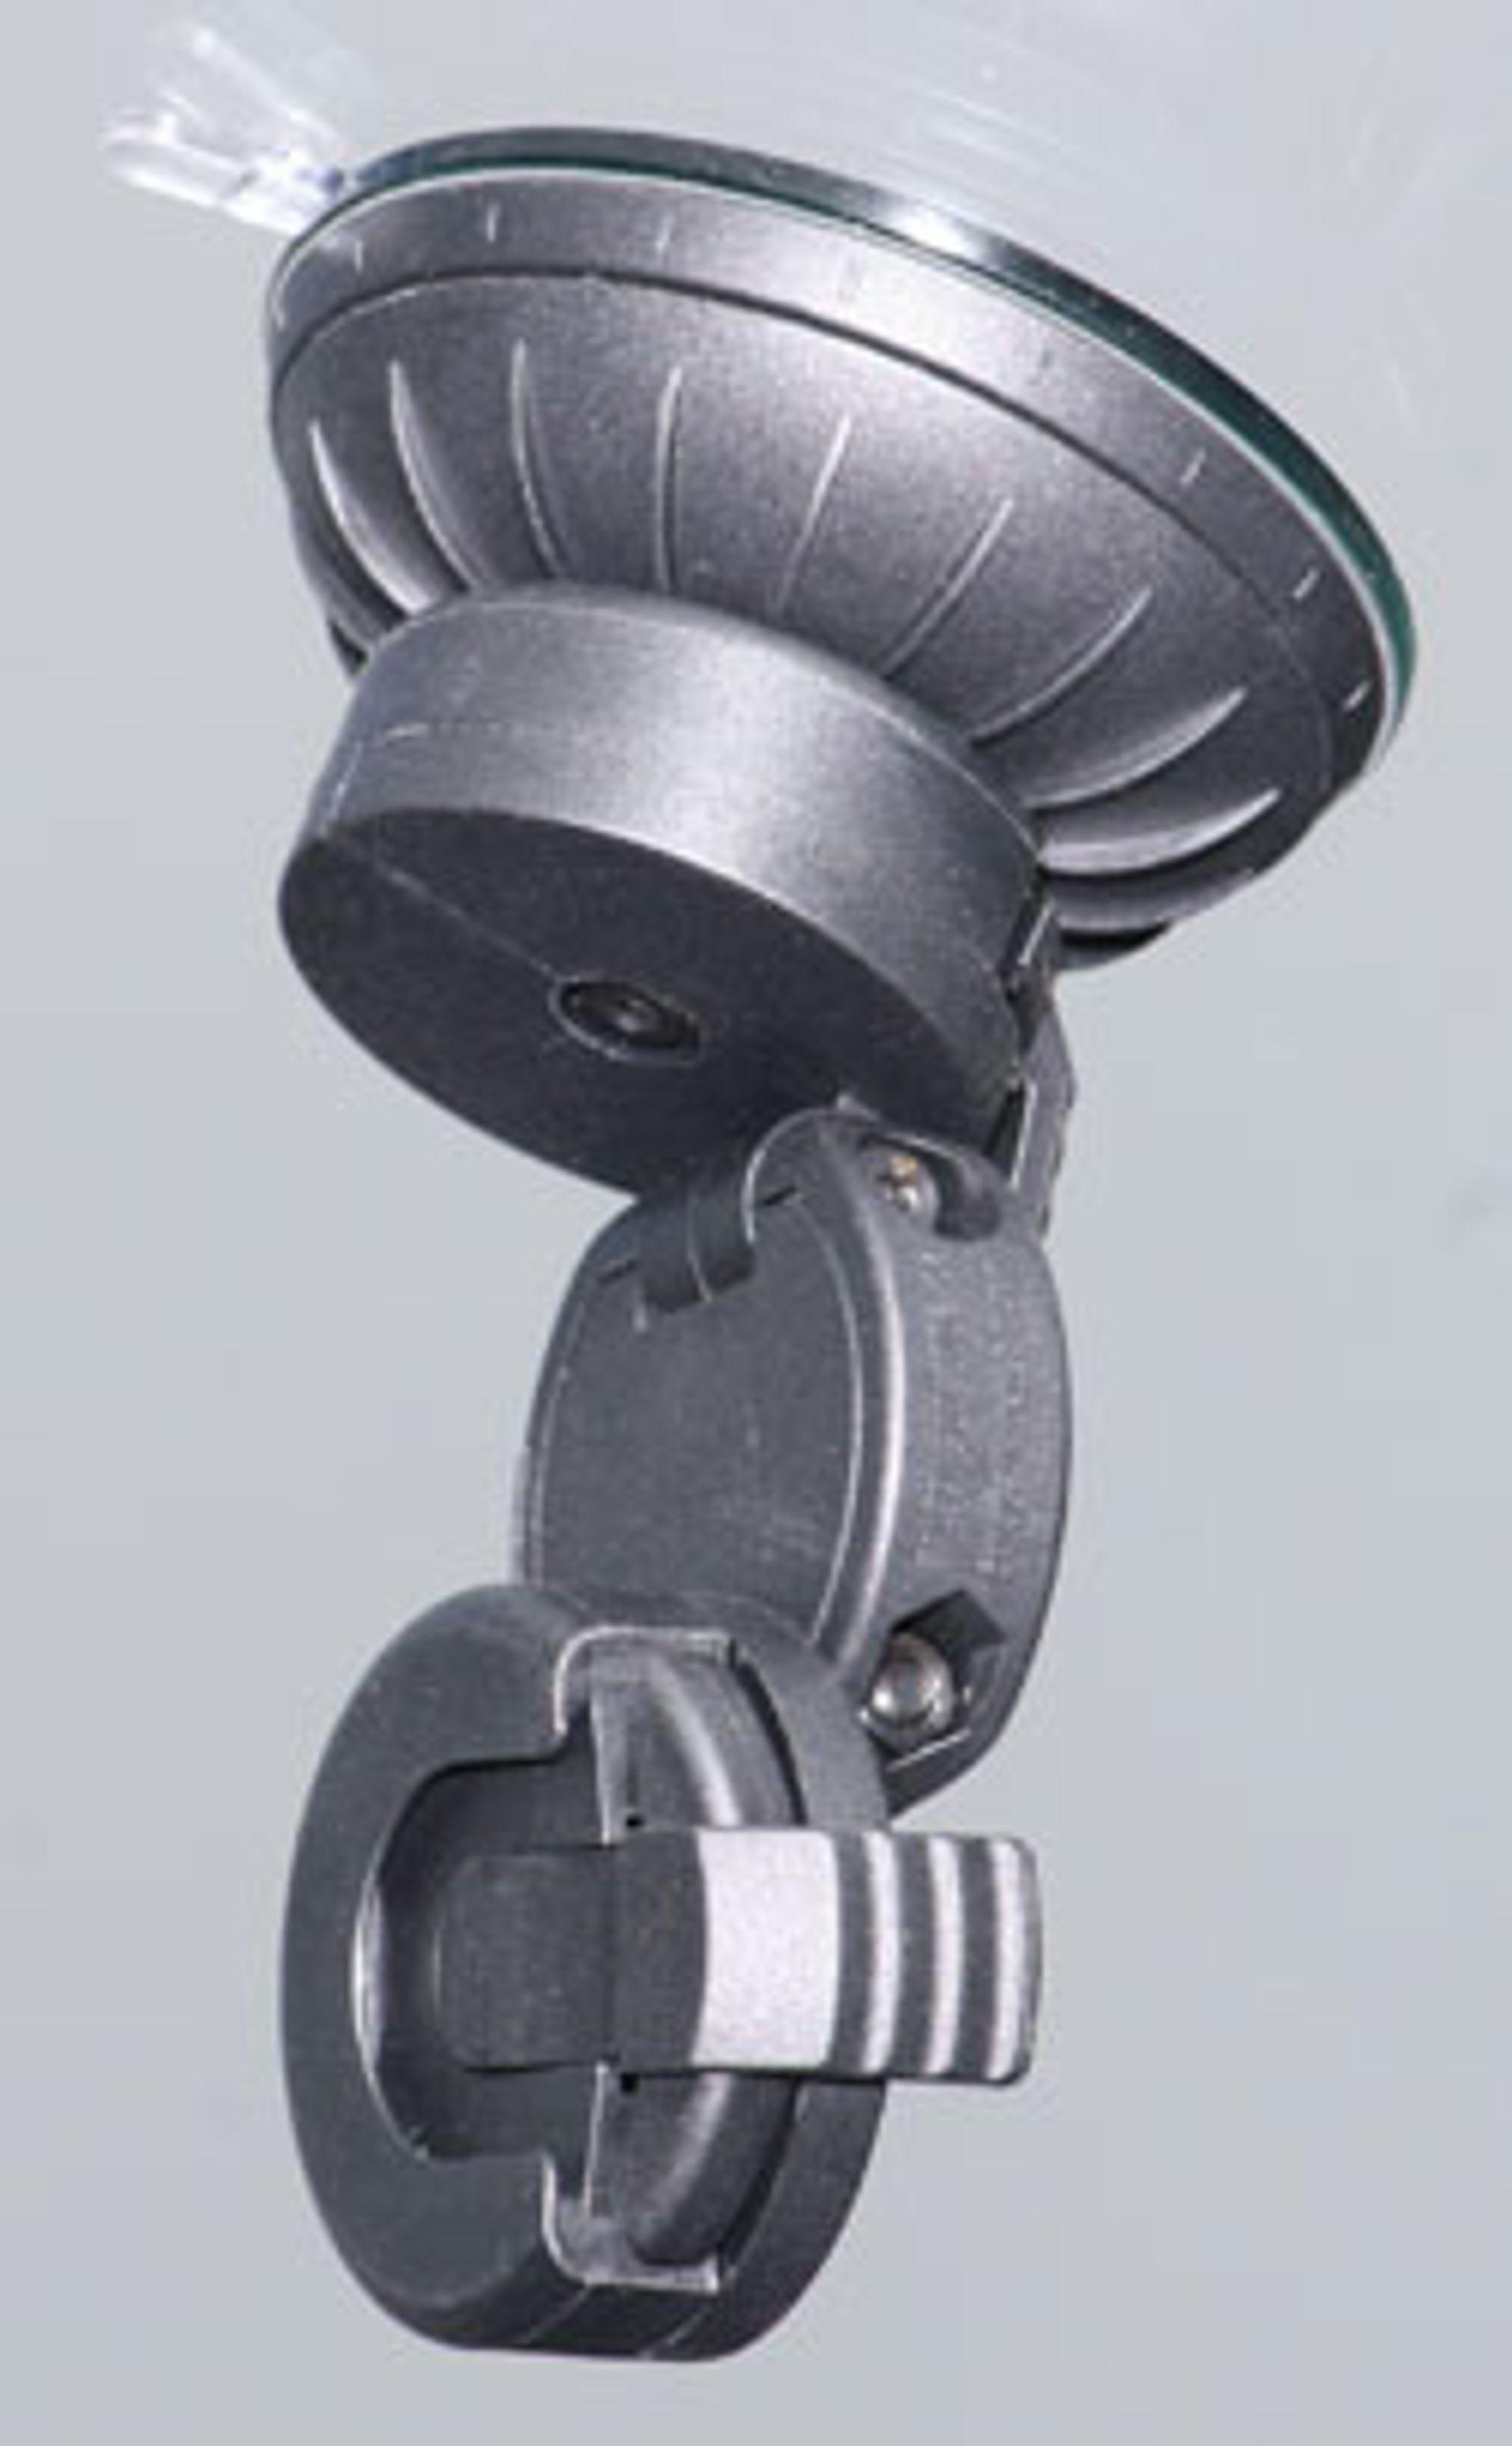 Selve holderen kan løsnes fra foten og brukes i en annen bil der du har brukt ekstrafoten med lim- eller skrueløsning.